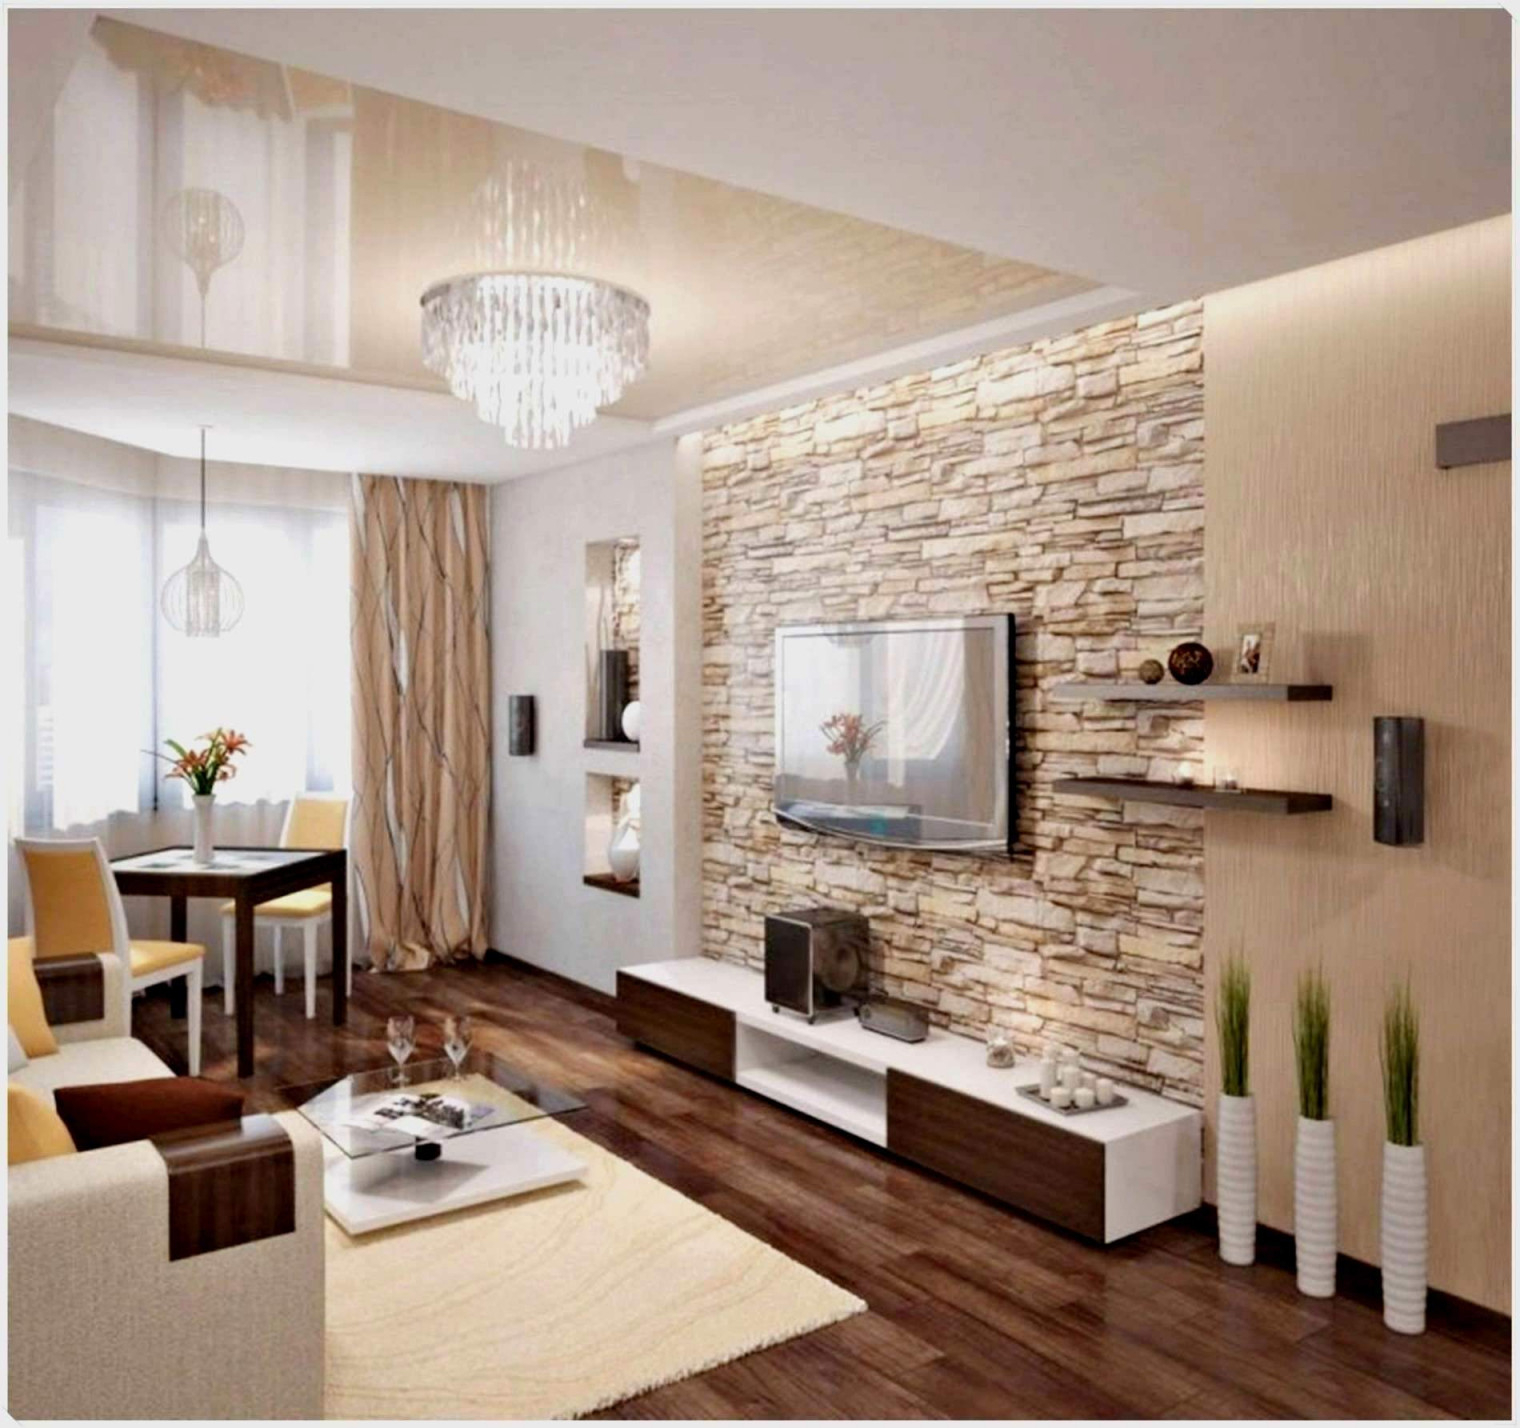 Moderne Deko Wohnzimmer Neu Elegant Dekoartikel Wohnzimmer von Wanddeko Wohnzimmer Bilder Photo